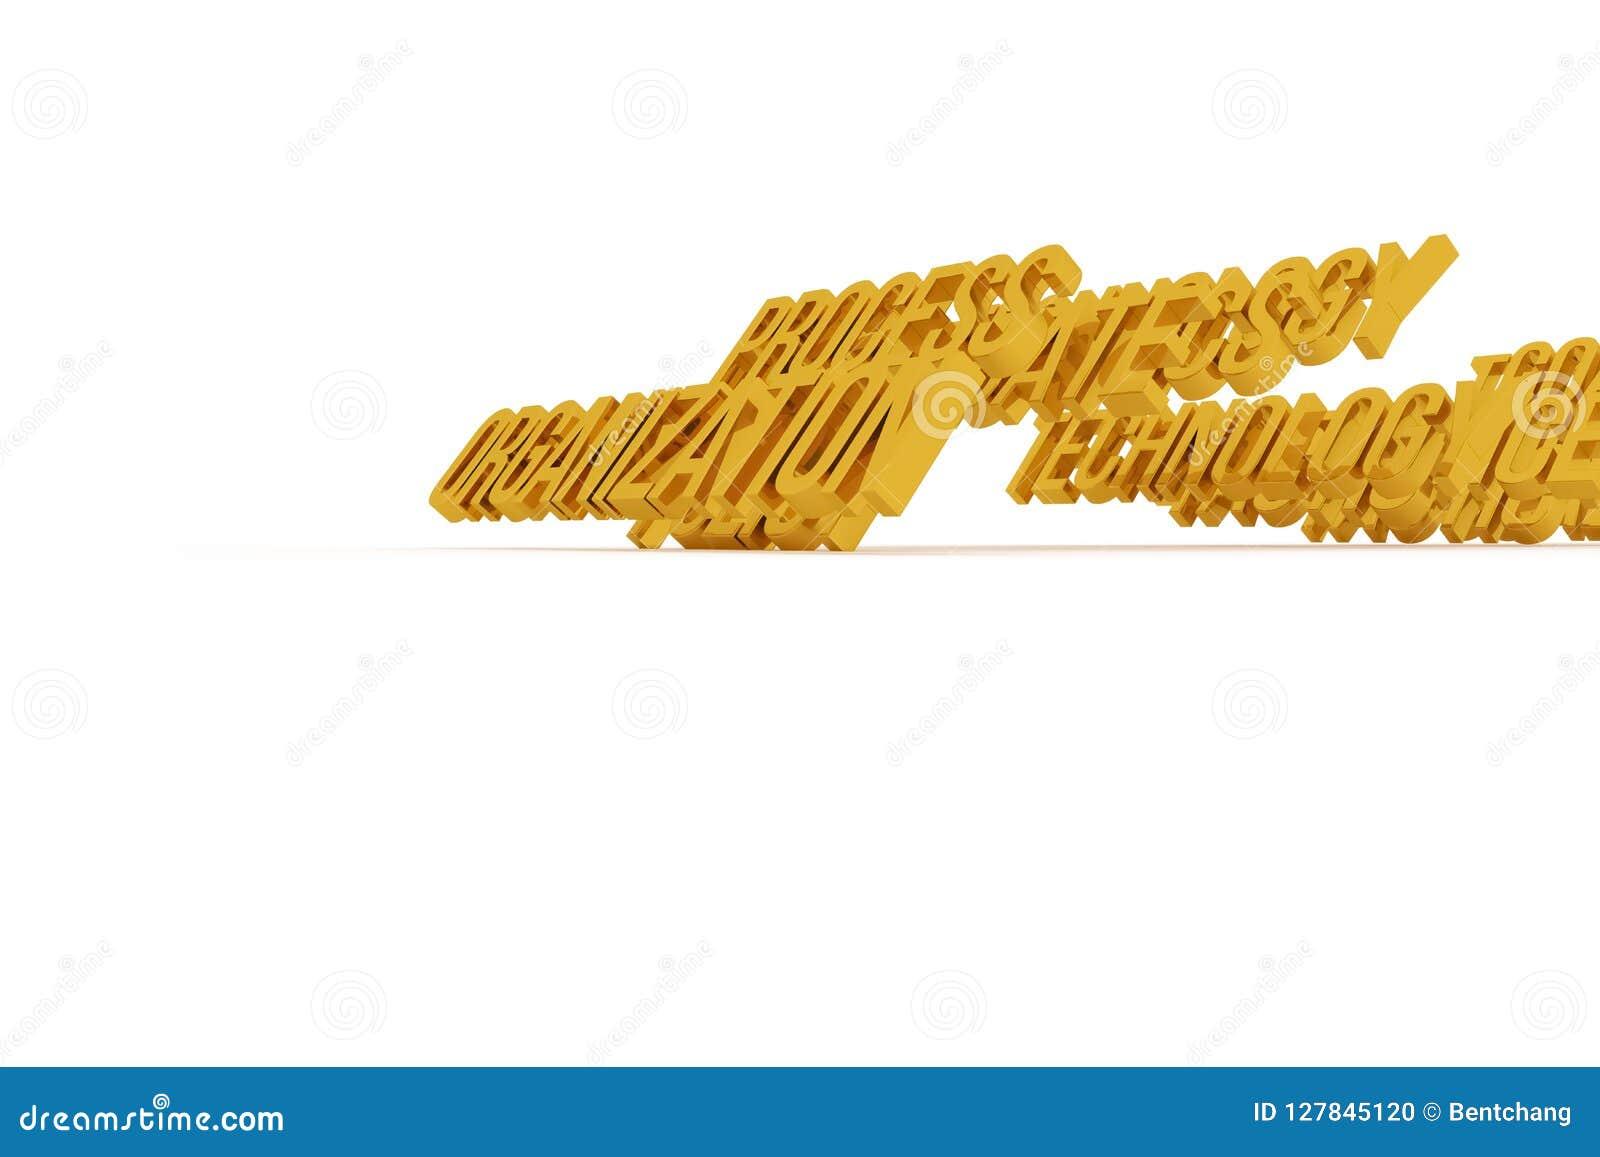 Organisation, goldene begrifflichwörter 3D des Geschäfts Typografie, cgi, Grafik u. Text